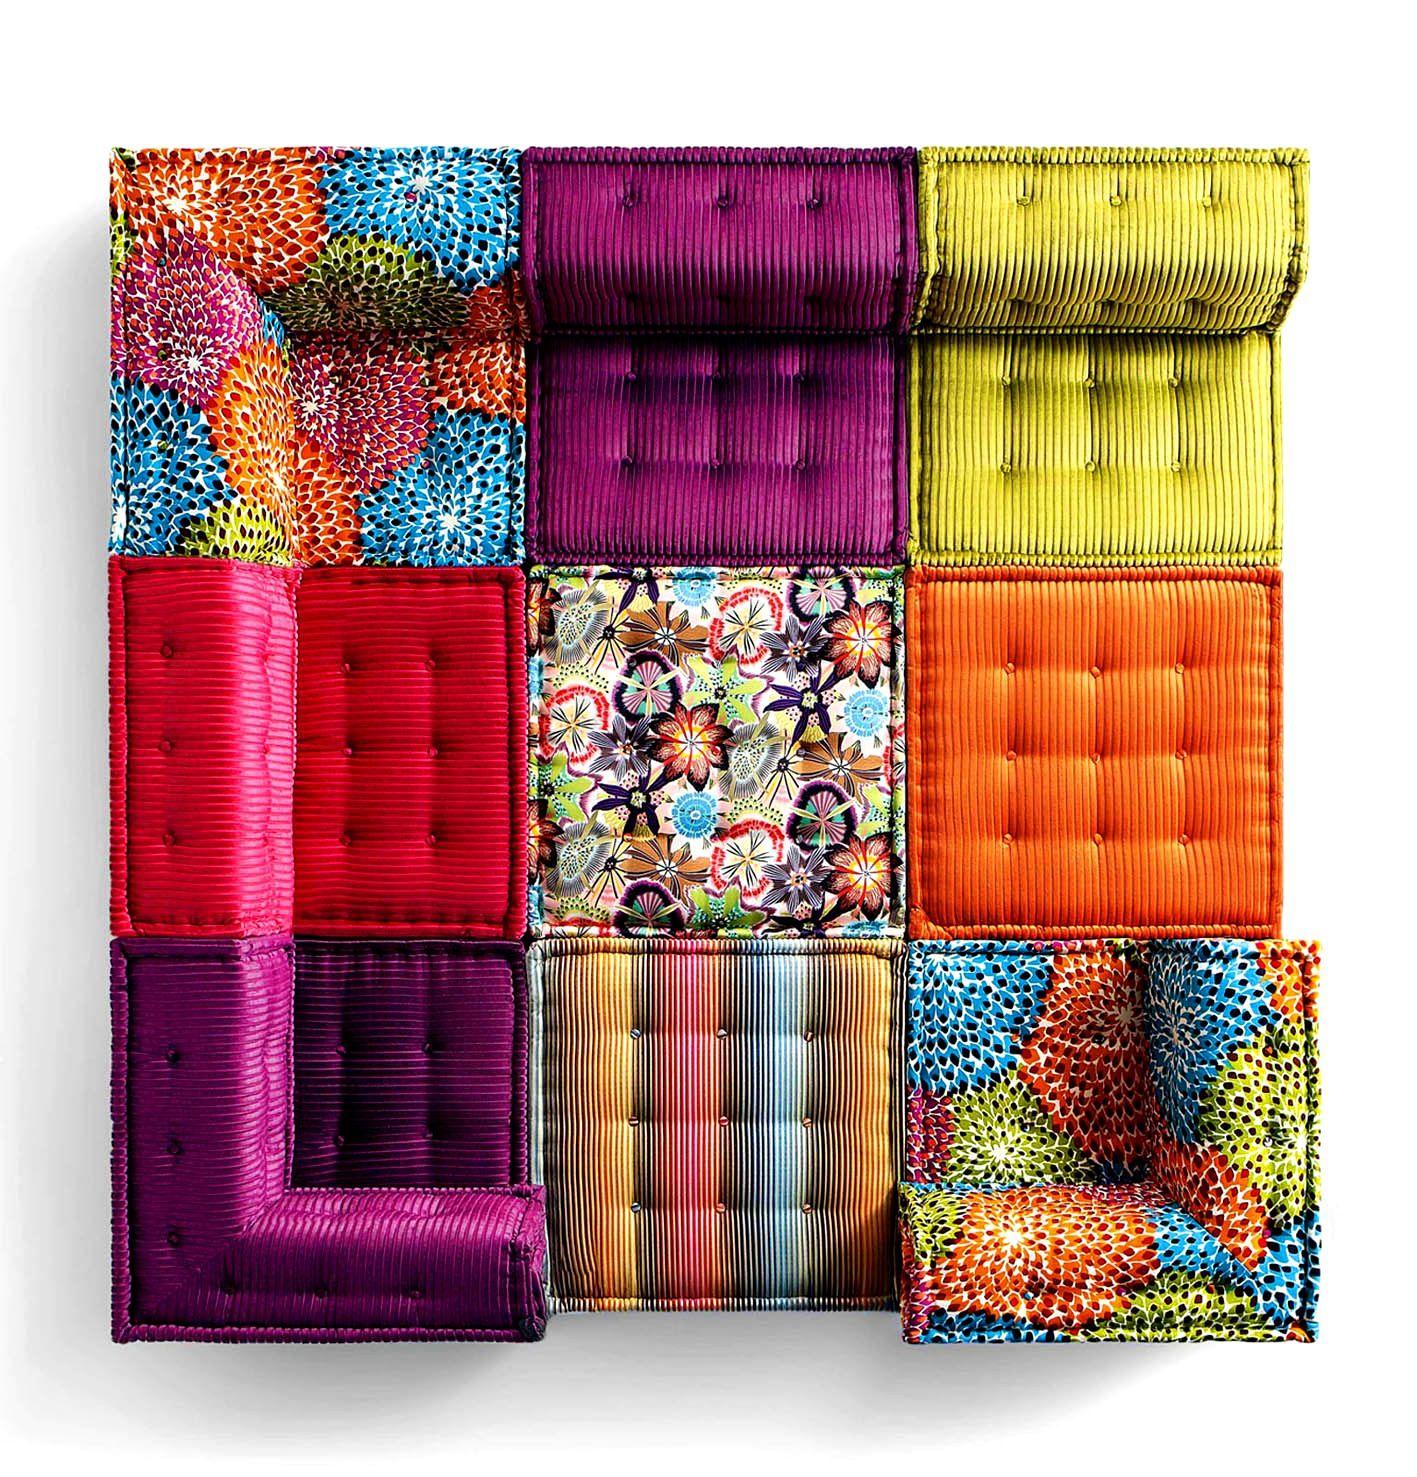 Furniture Astounding Roche Bobois Mah Jong Sofa Jean Paul Gaultier